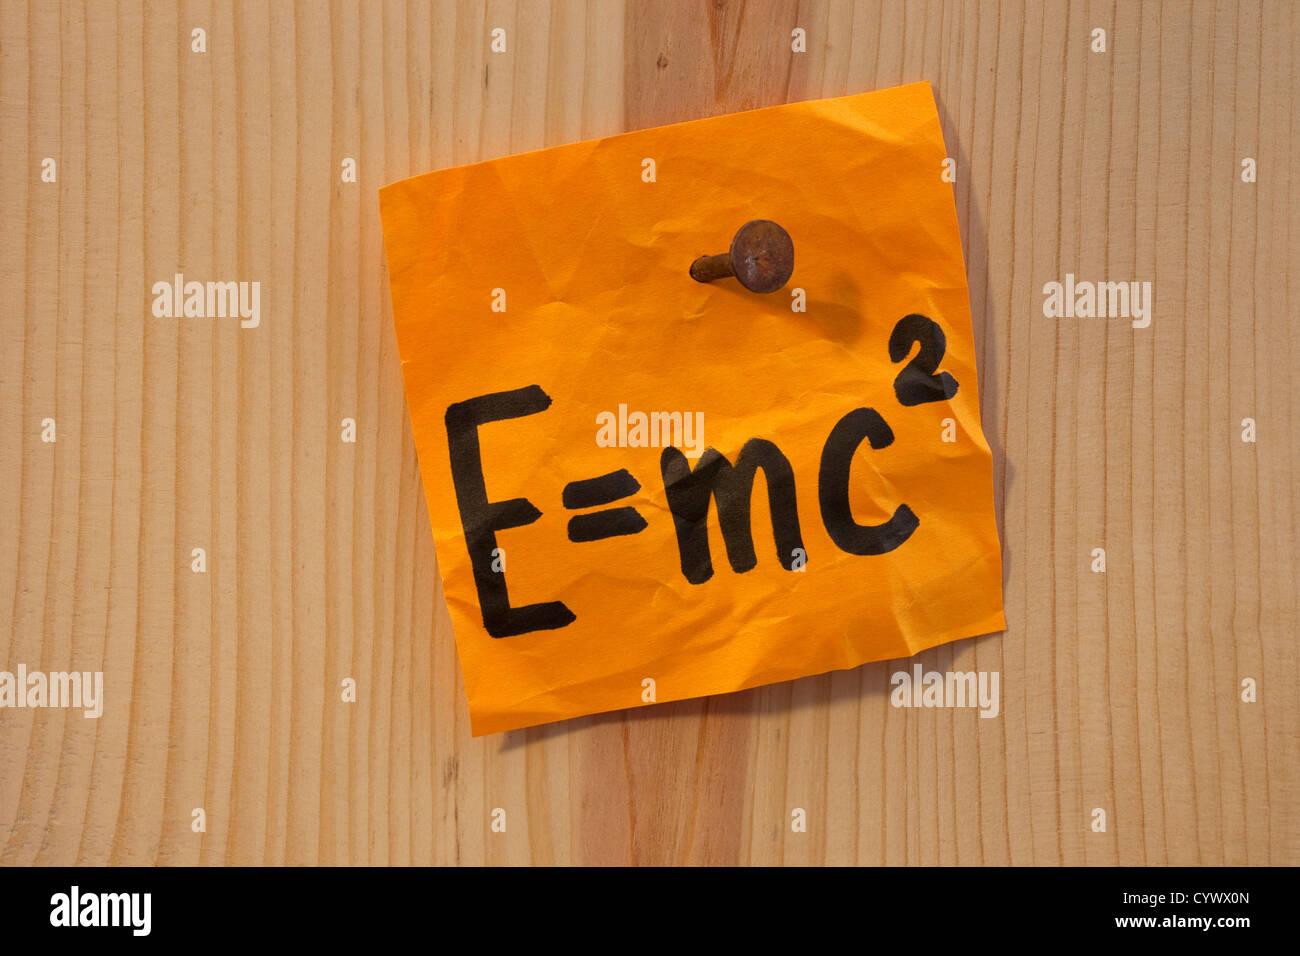 Albert Einstein bekannte physikalische Formel beschreiben Äquivalenz von Materie Masse und Energie Stockfoto